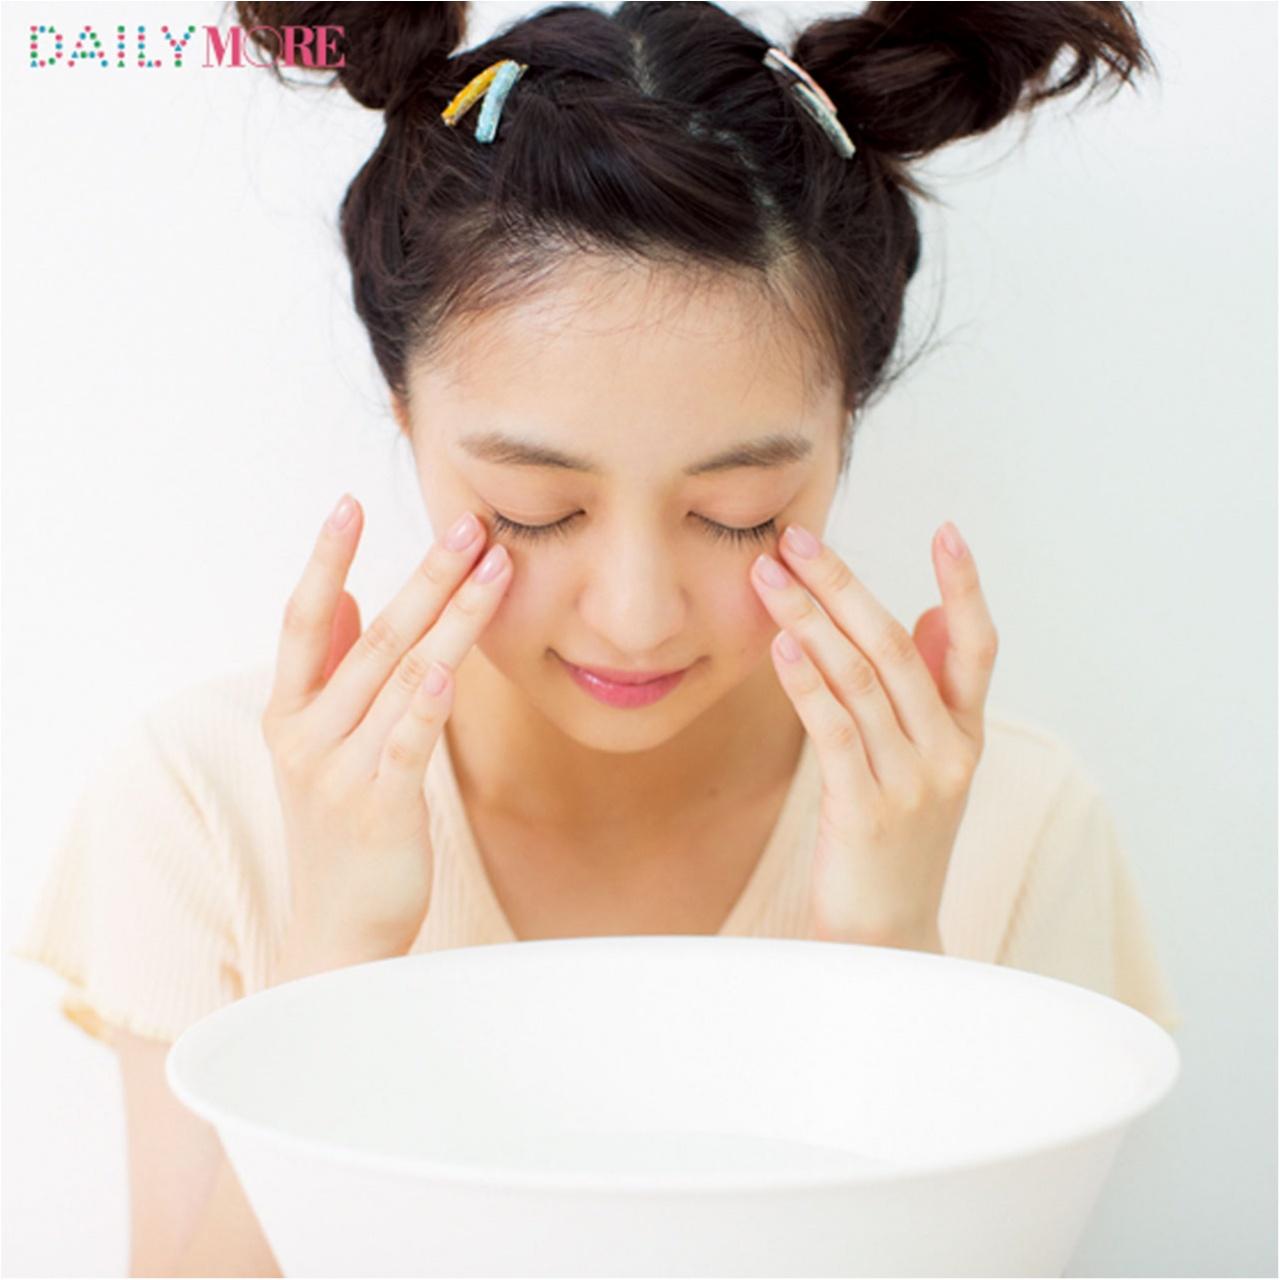 美肌だけ? いやいや小顔にも効くんです!! 美容家・小林ひろ美さんが教える「運命を変える乳液の塗り方」3選_6